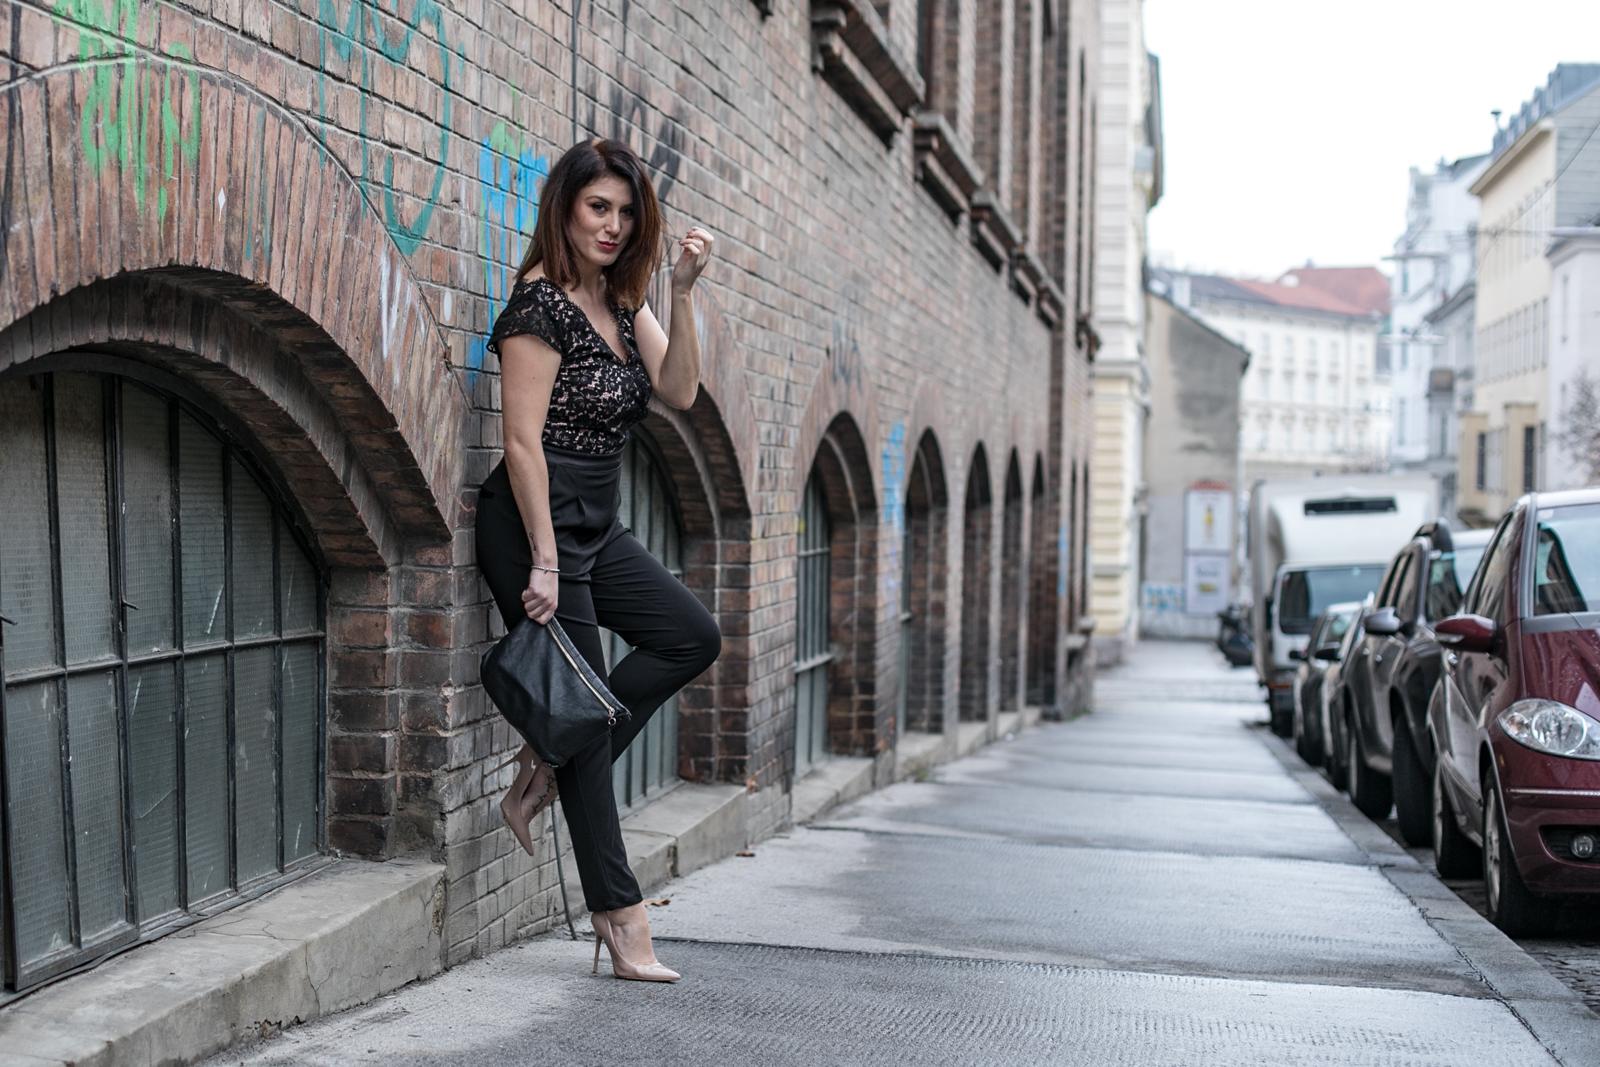 1600-Nadja-Nemetz-NadjaNemetz-Violetfleur-Violet-Fleur-Blog-Wien-WienerBlog-Beauty-Fashion-Lifestyle-Modeblog-Beautyblog-Fotografin-Bloggerin- (7 von 22)